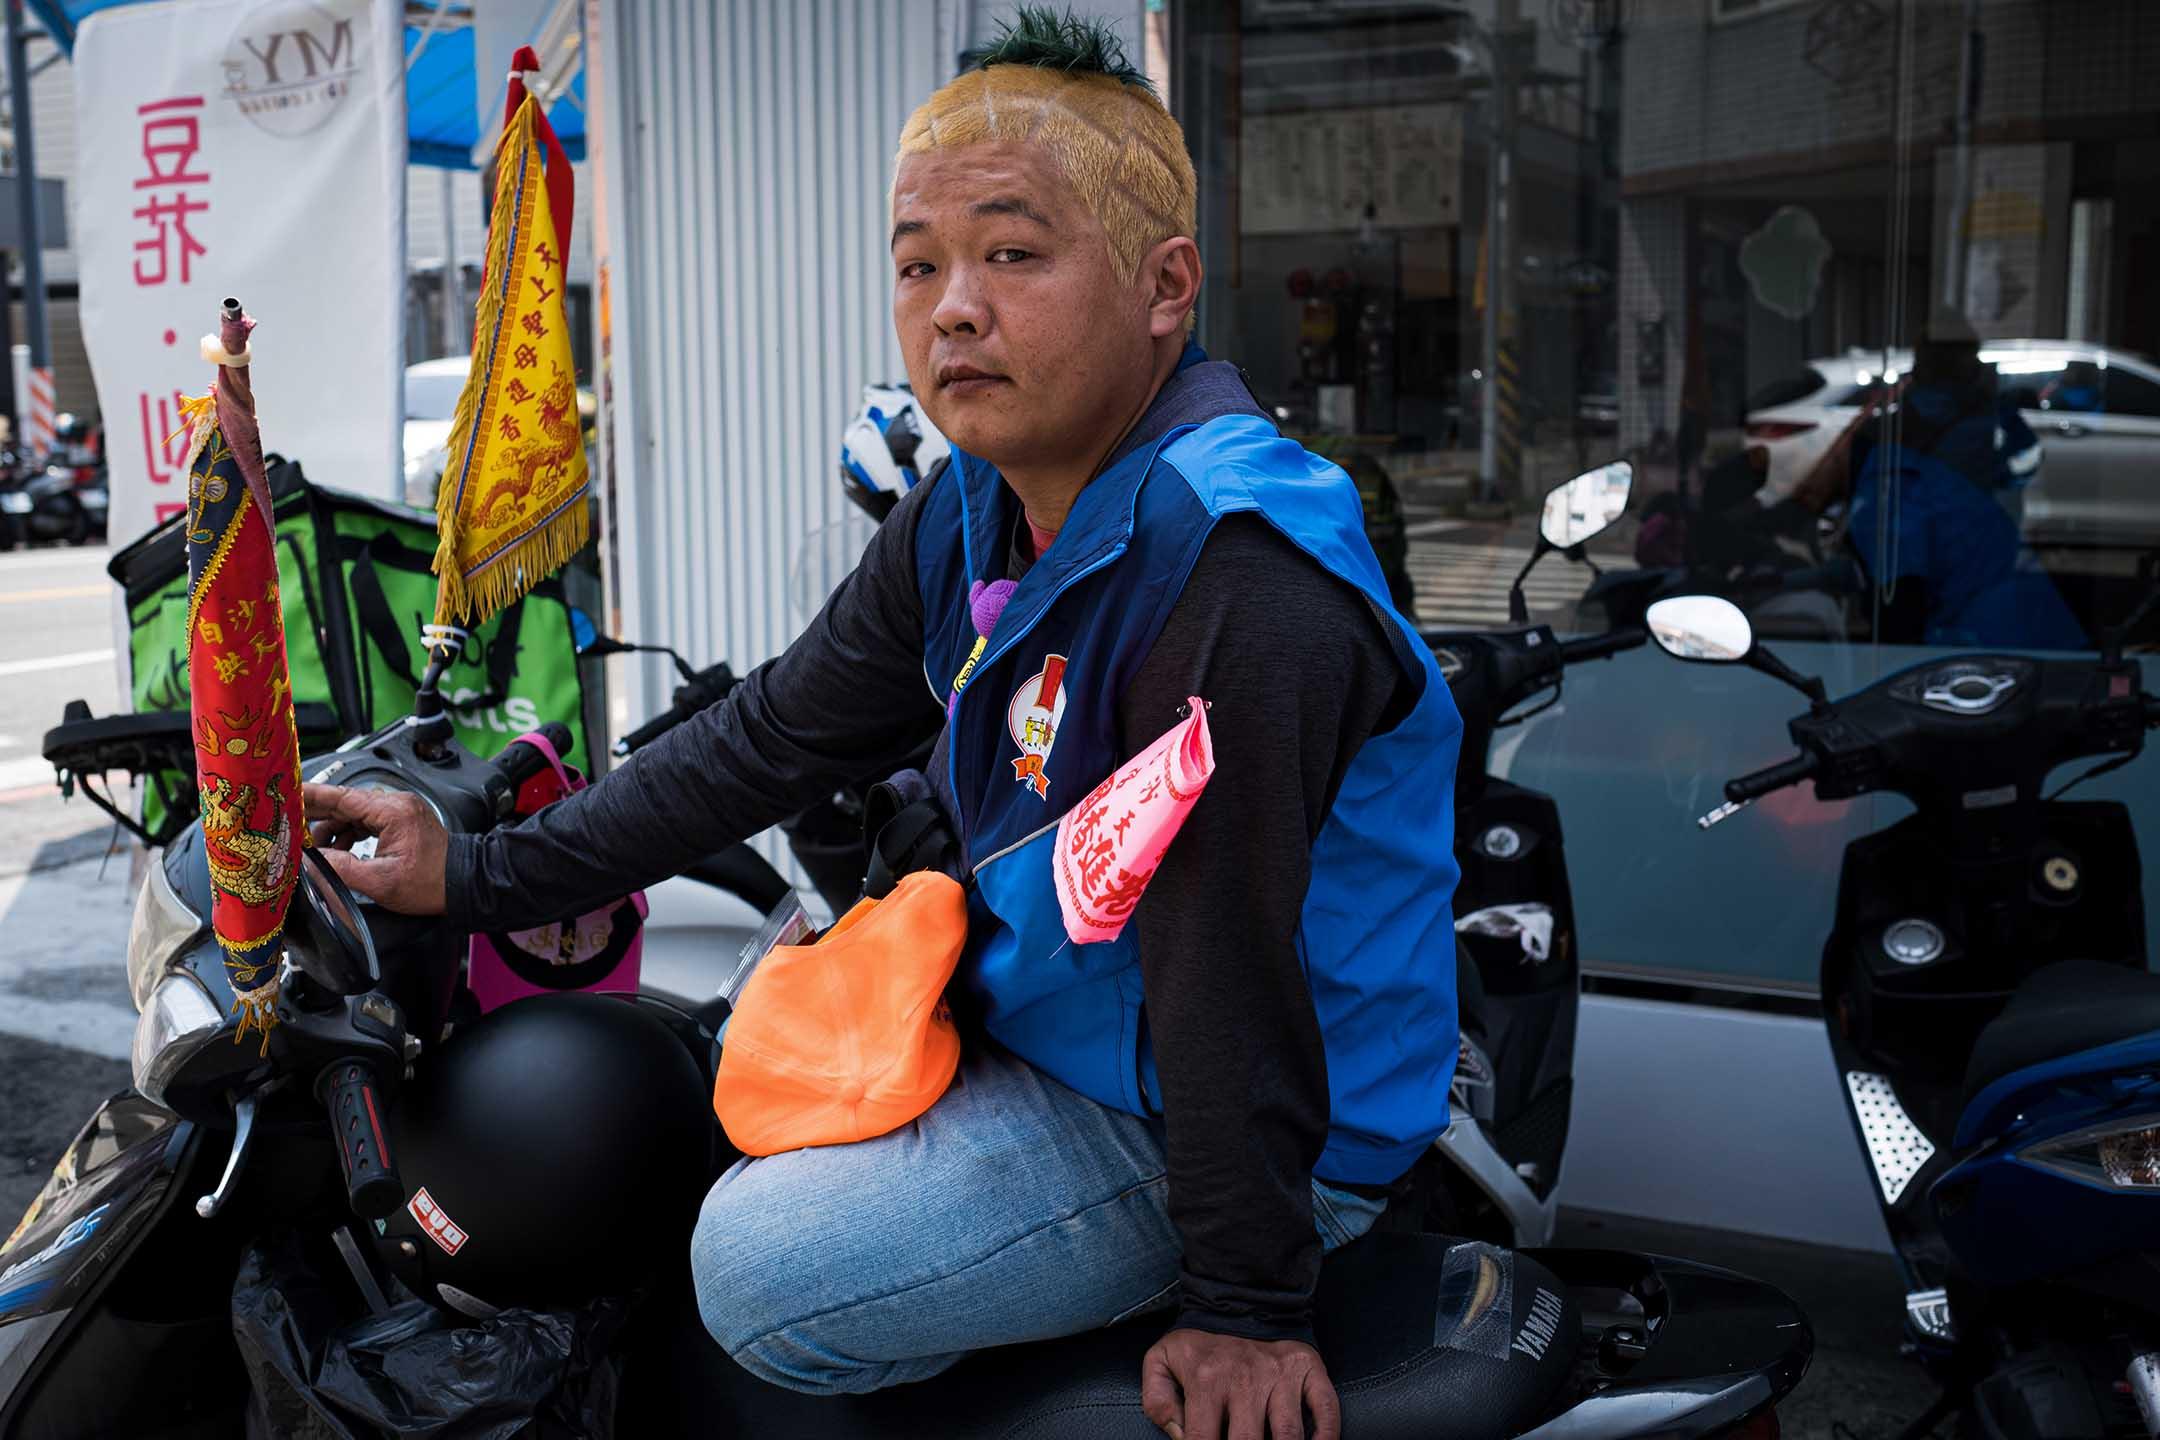 一名信眾在自己的機車上掛了進香旗,參與媽祖進香。